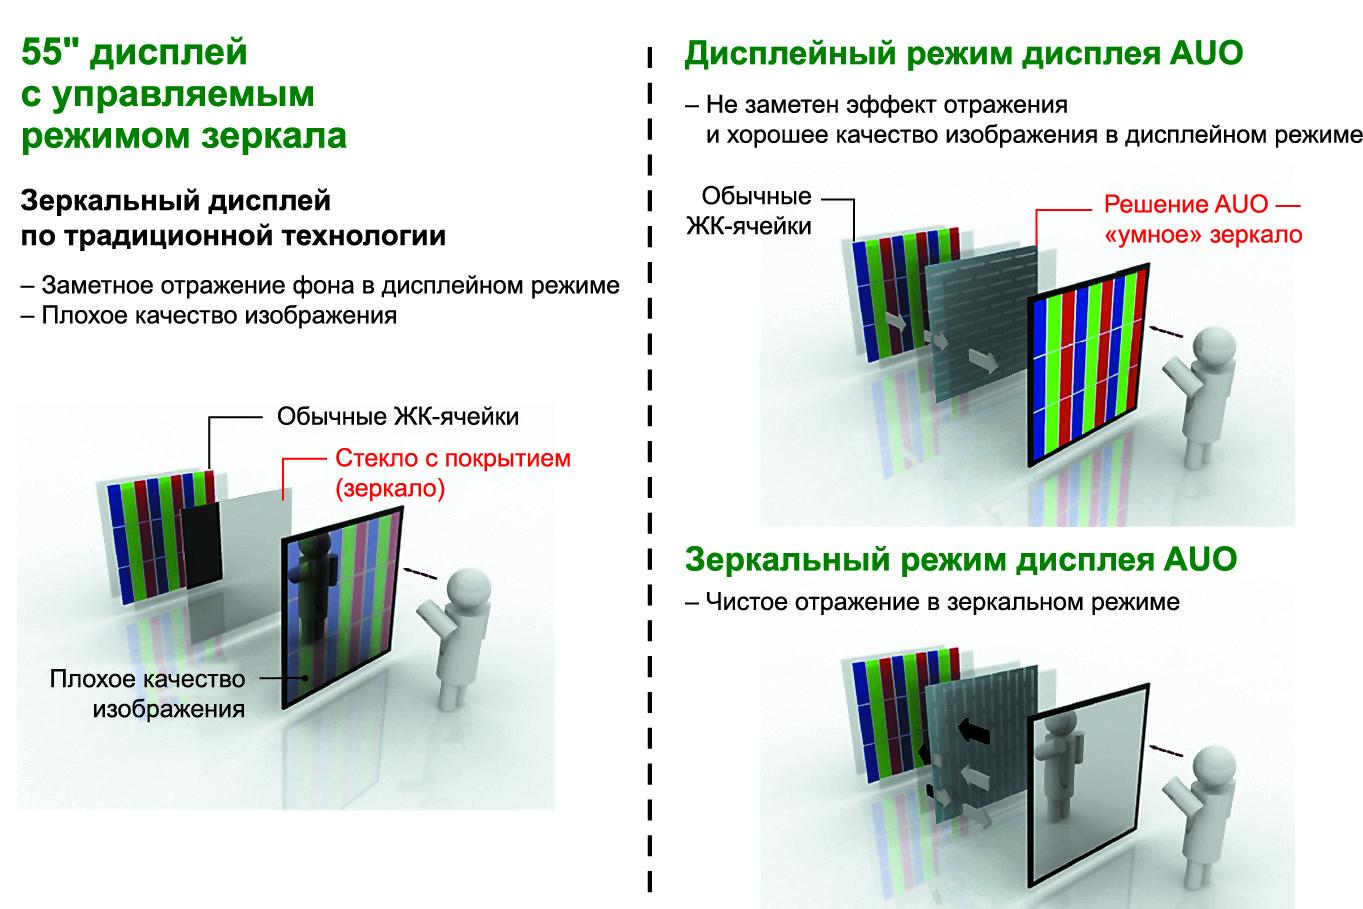 Сравнение технологий зеркального дисплея